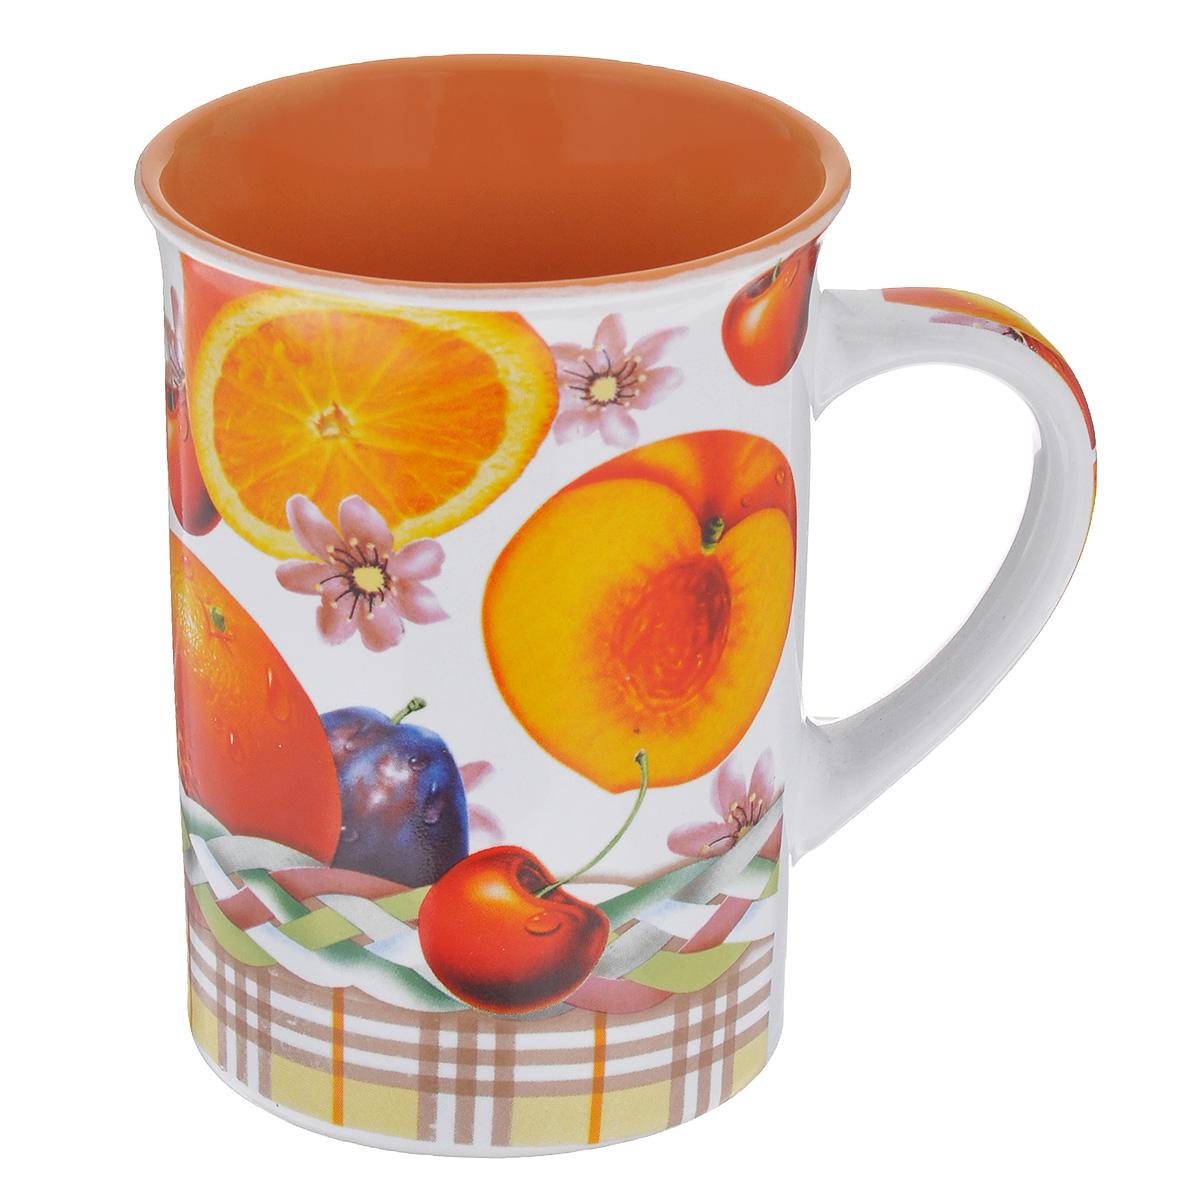 Кружка Фрукты, 340 мл55341BTКружка Фрукты выполнена из высококачественной керамики. Снаружи она декорирована ярким изображением сочных фруктов.Кружка сочетает в себе оригинальный дизайн и функциональность. Благодаря такой кружке пить напитки будет еще вкуснее. Диаметр кружки по верхнему краю: 8,5 см.Высота стенок: 11 см.Объем: 340 мл.